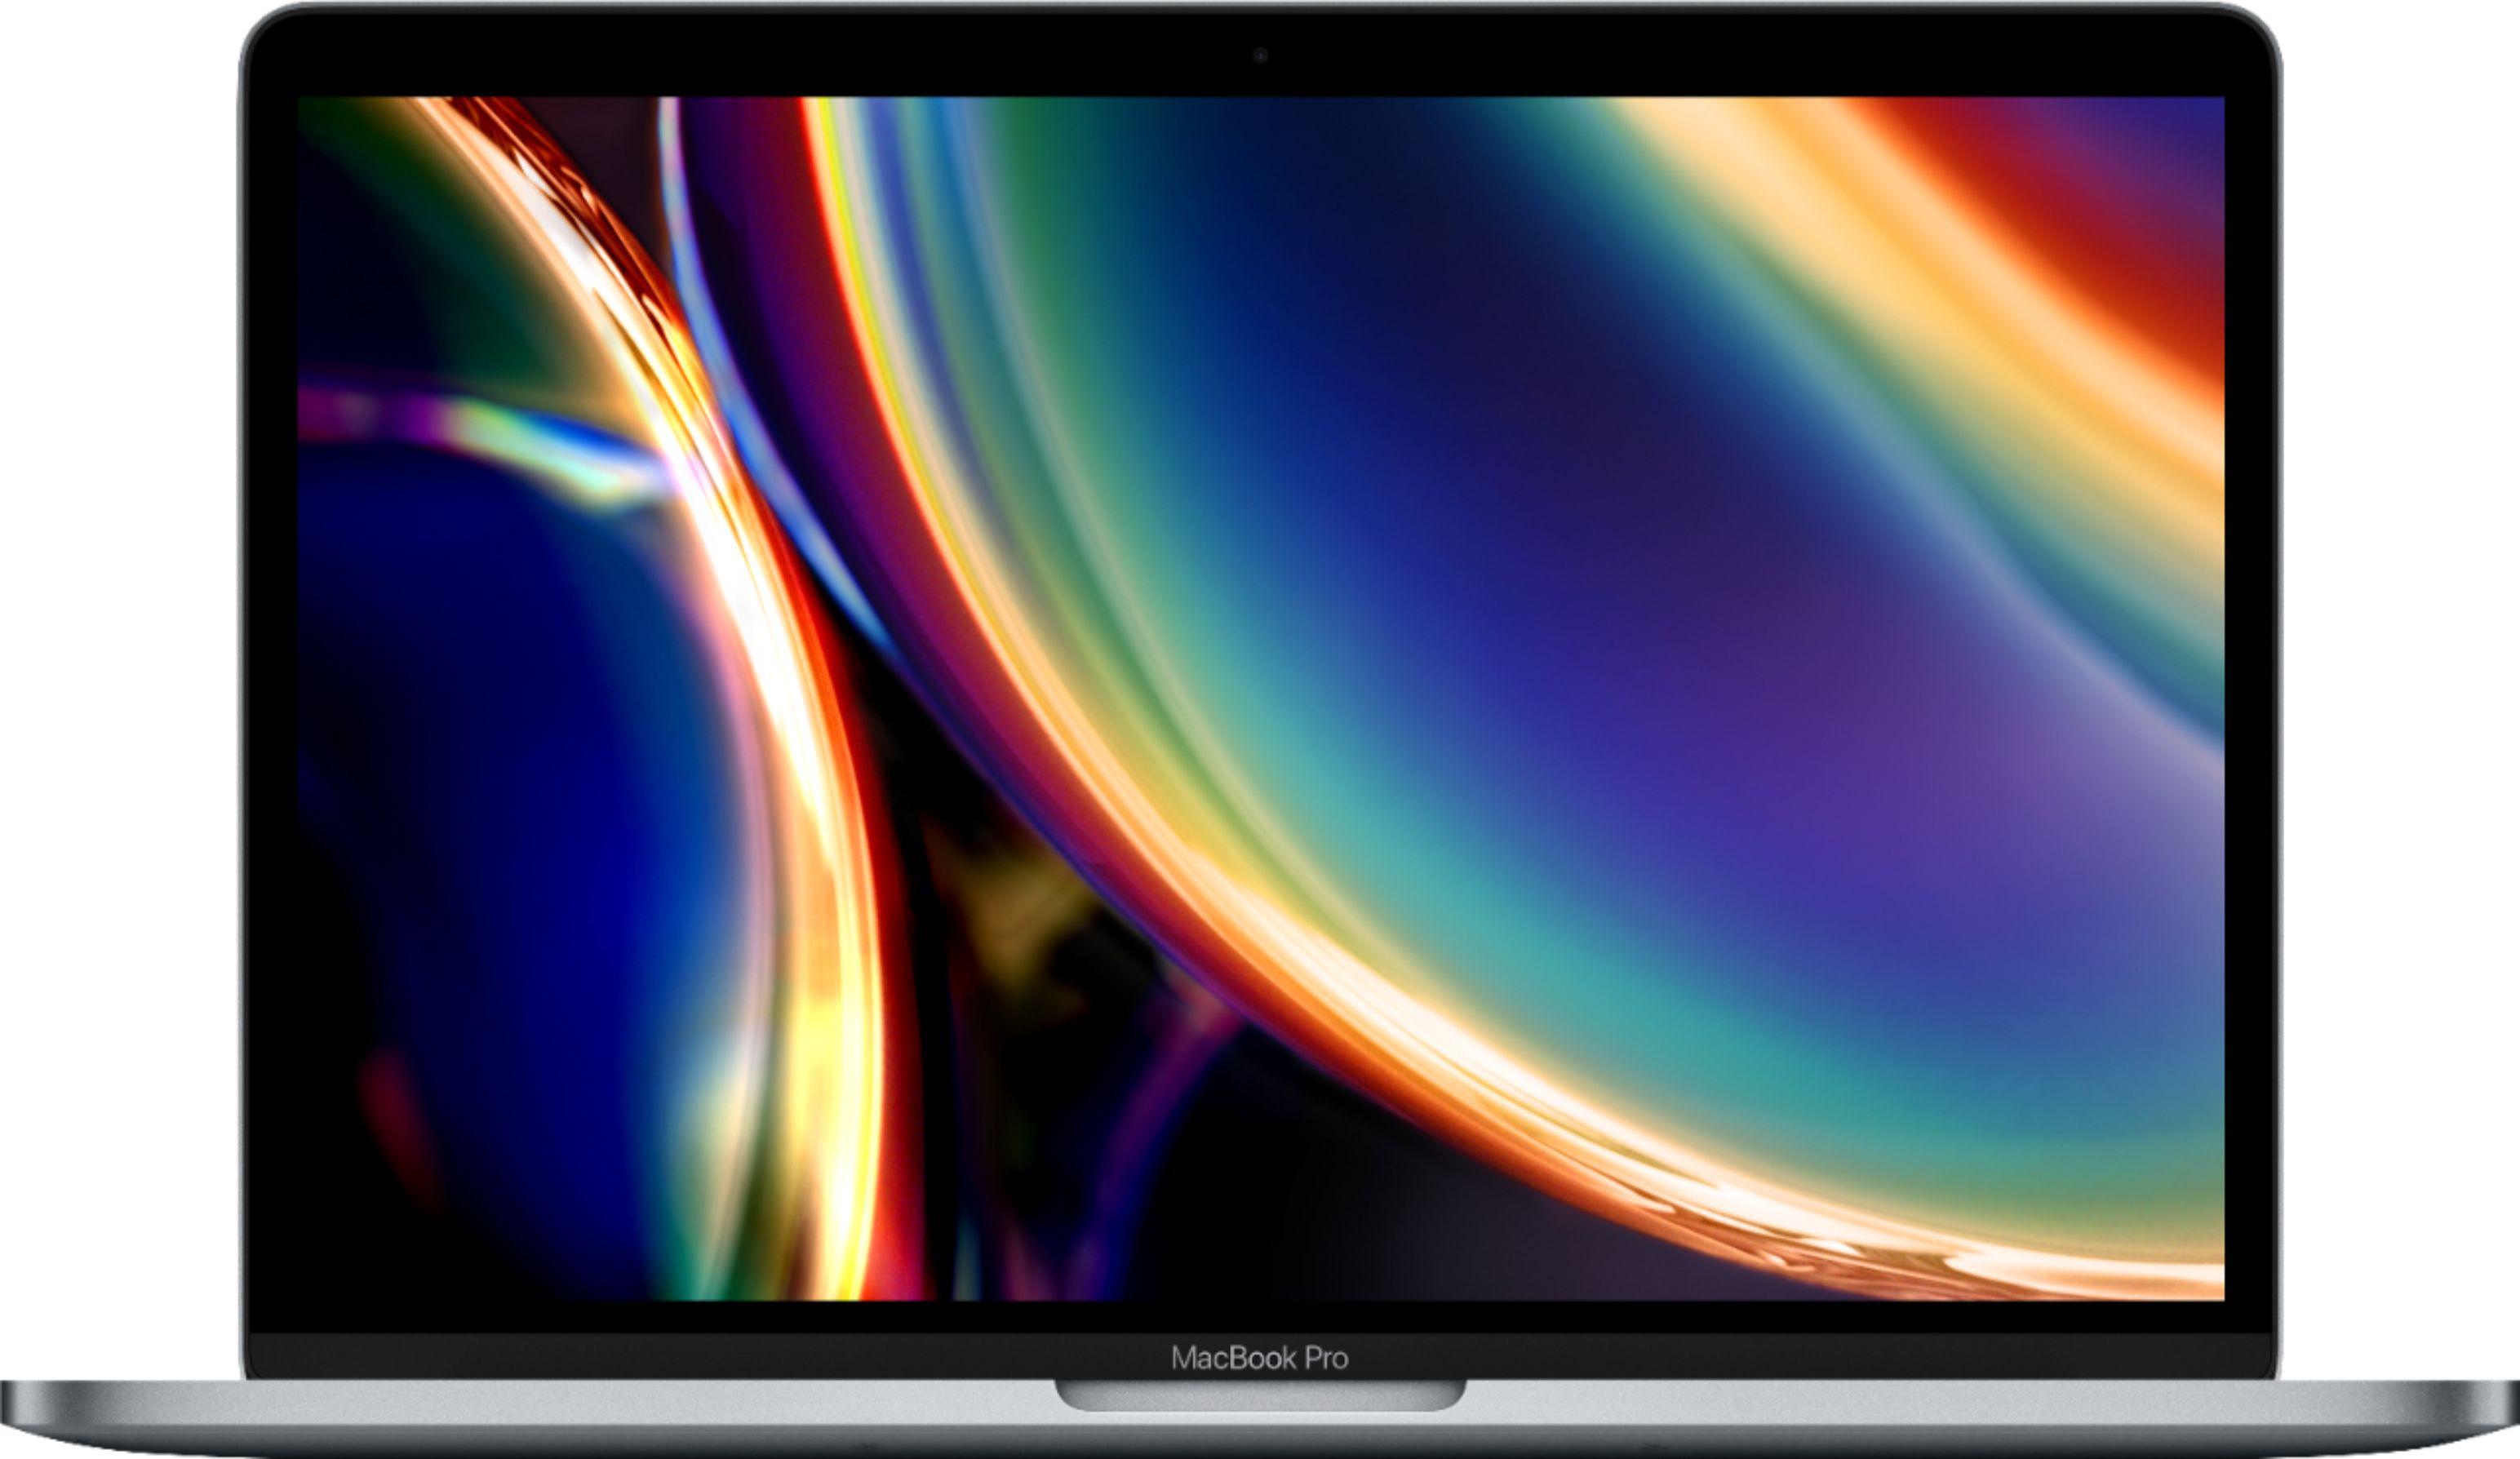 MacBook Pro $100- $200 off @Best Buy